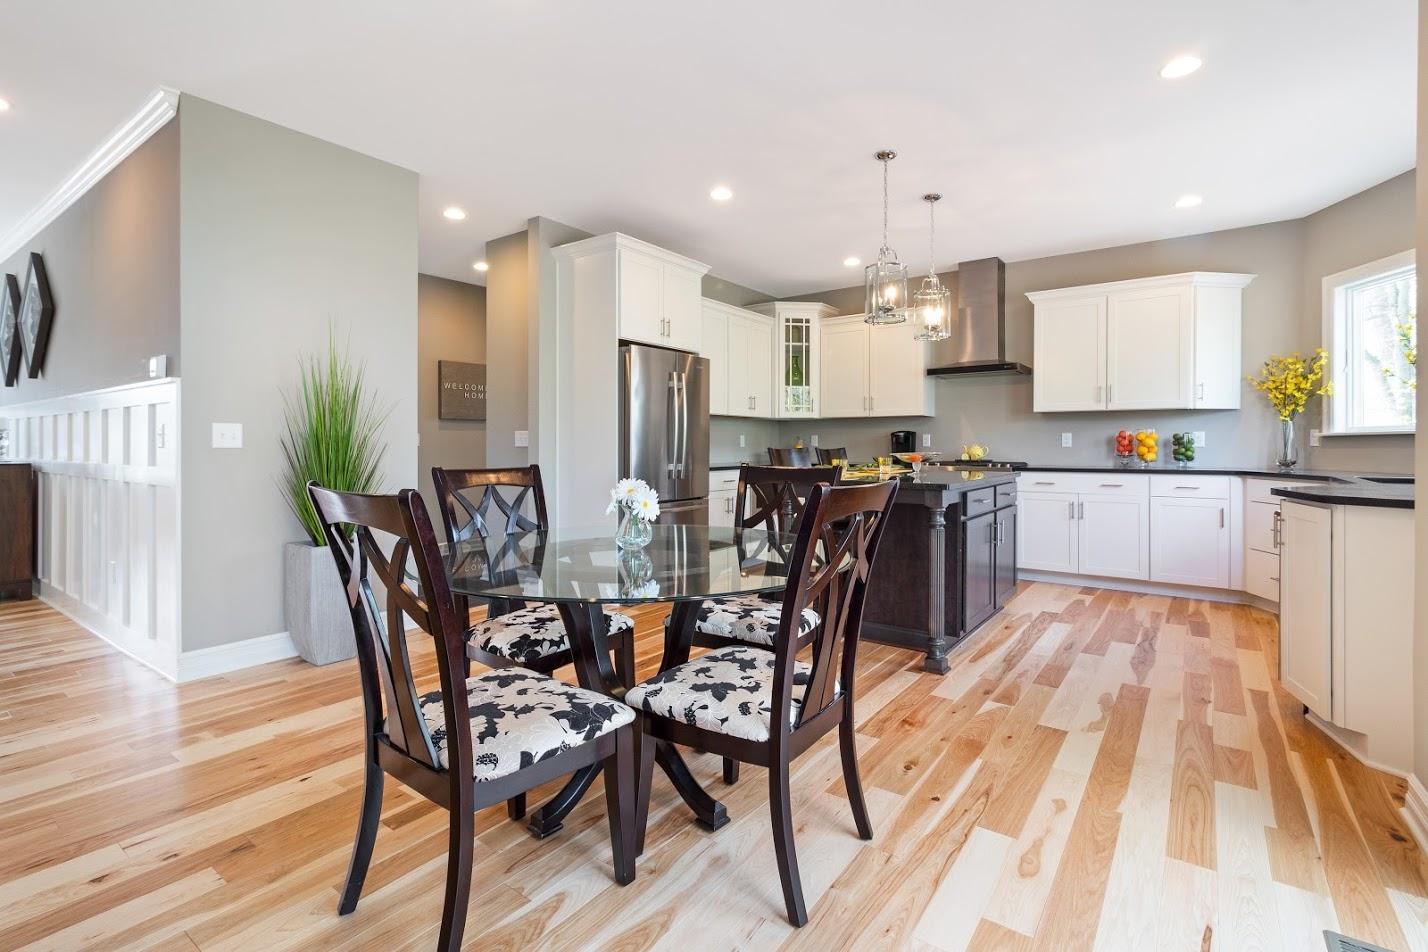 hardwood floor kitchen interior